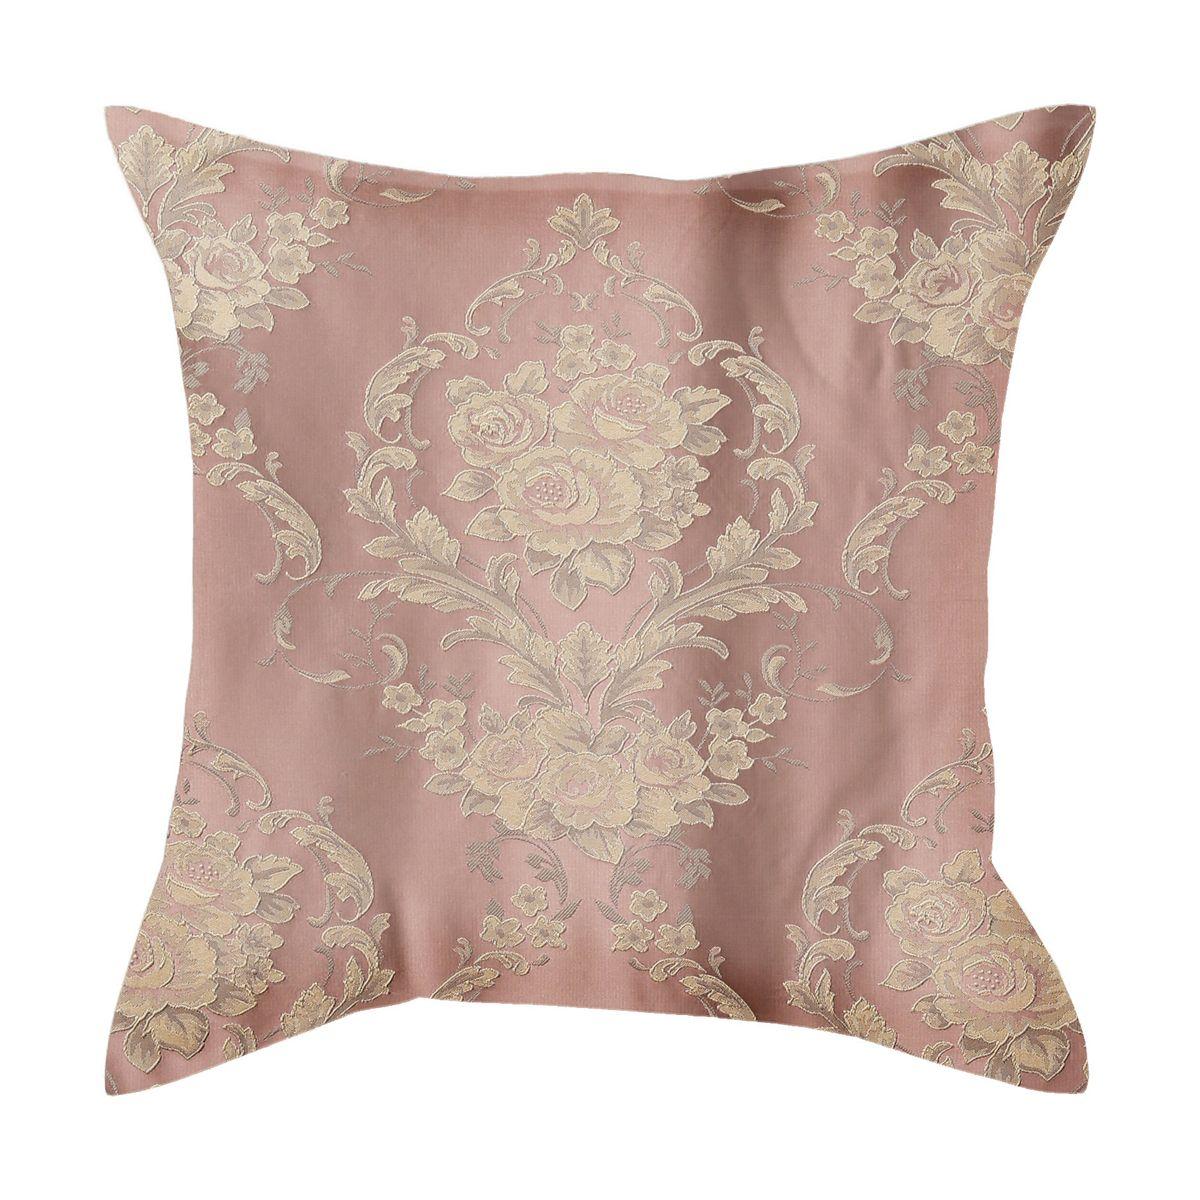 Наволочка декоративная Garden, цвет: розовый, 40 х 40 см. N 537205 V4N 537205 V4Декоративная наволочка Garden выполнена из жаккарда (100% полиэстер). Благодаря нежной расцветке и качественному исполнению декоративная наволочка станет отличным дизайнерским решением для интерьера. Размер: 40 х 40 см.